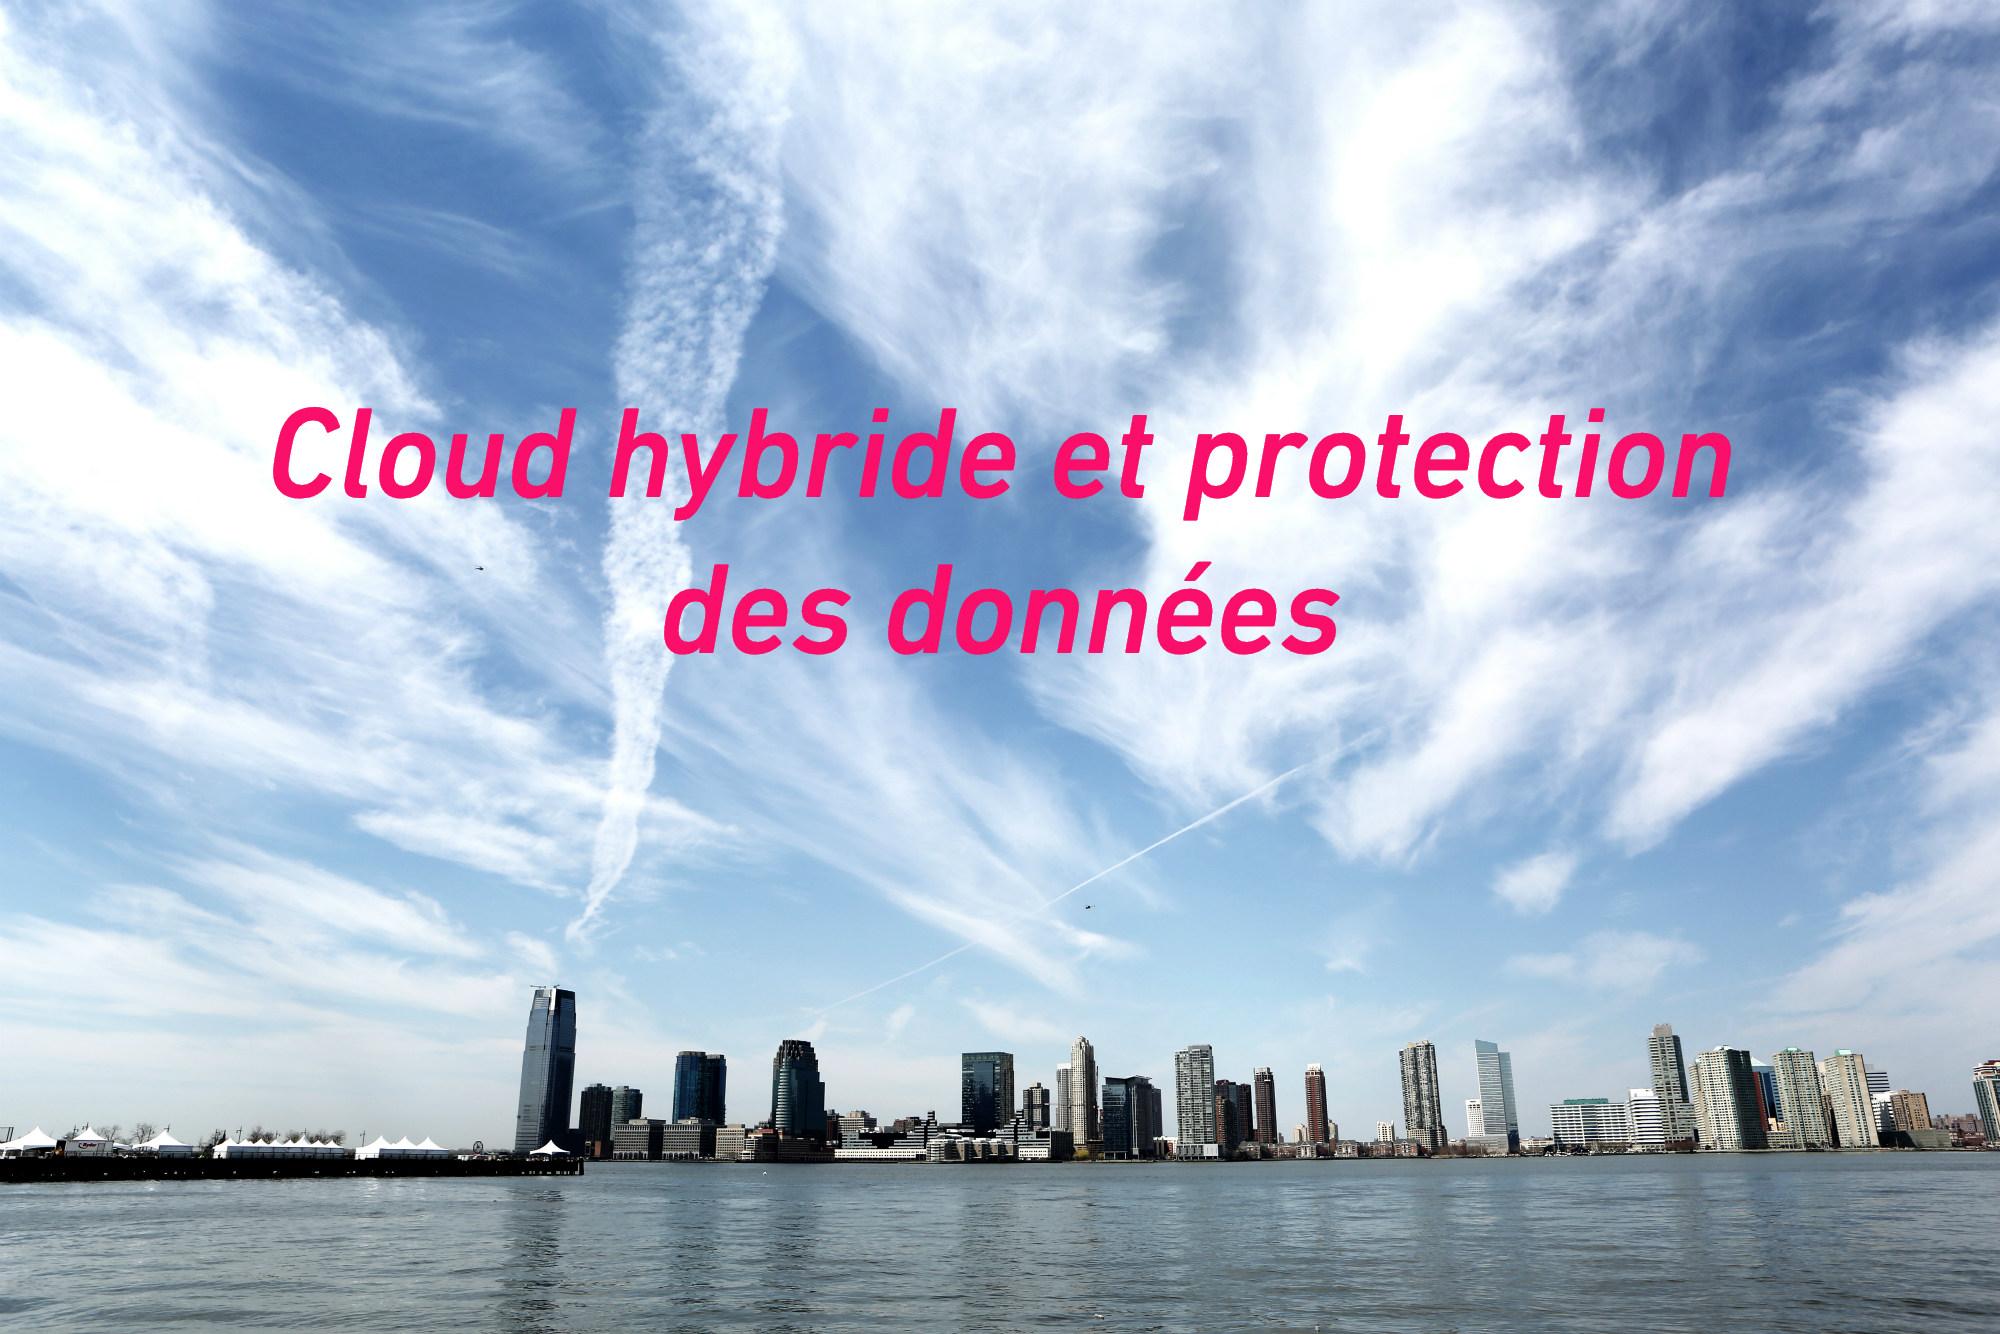 cloud-hybride-protection-des-donnees